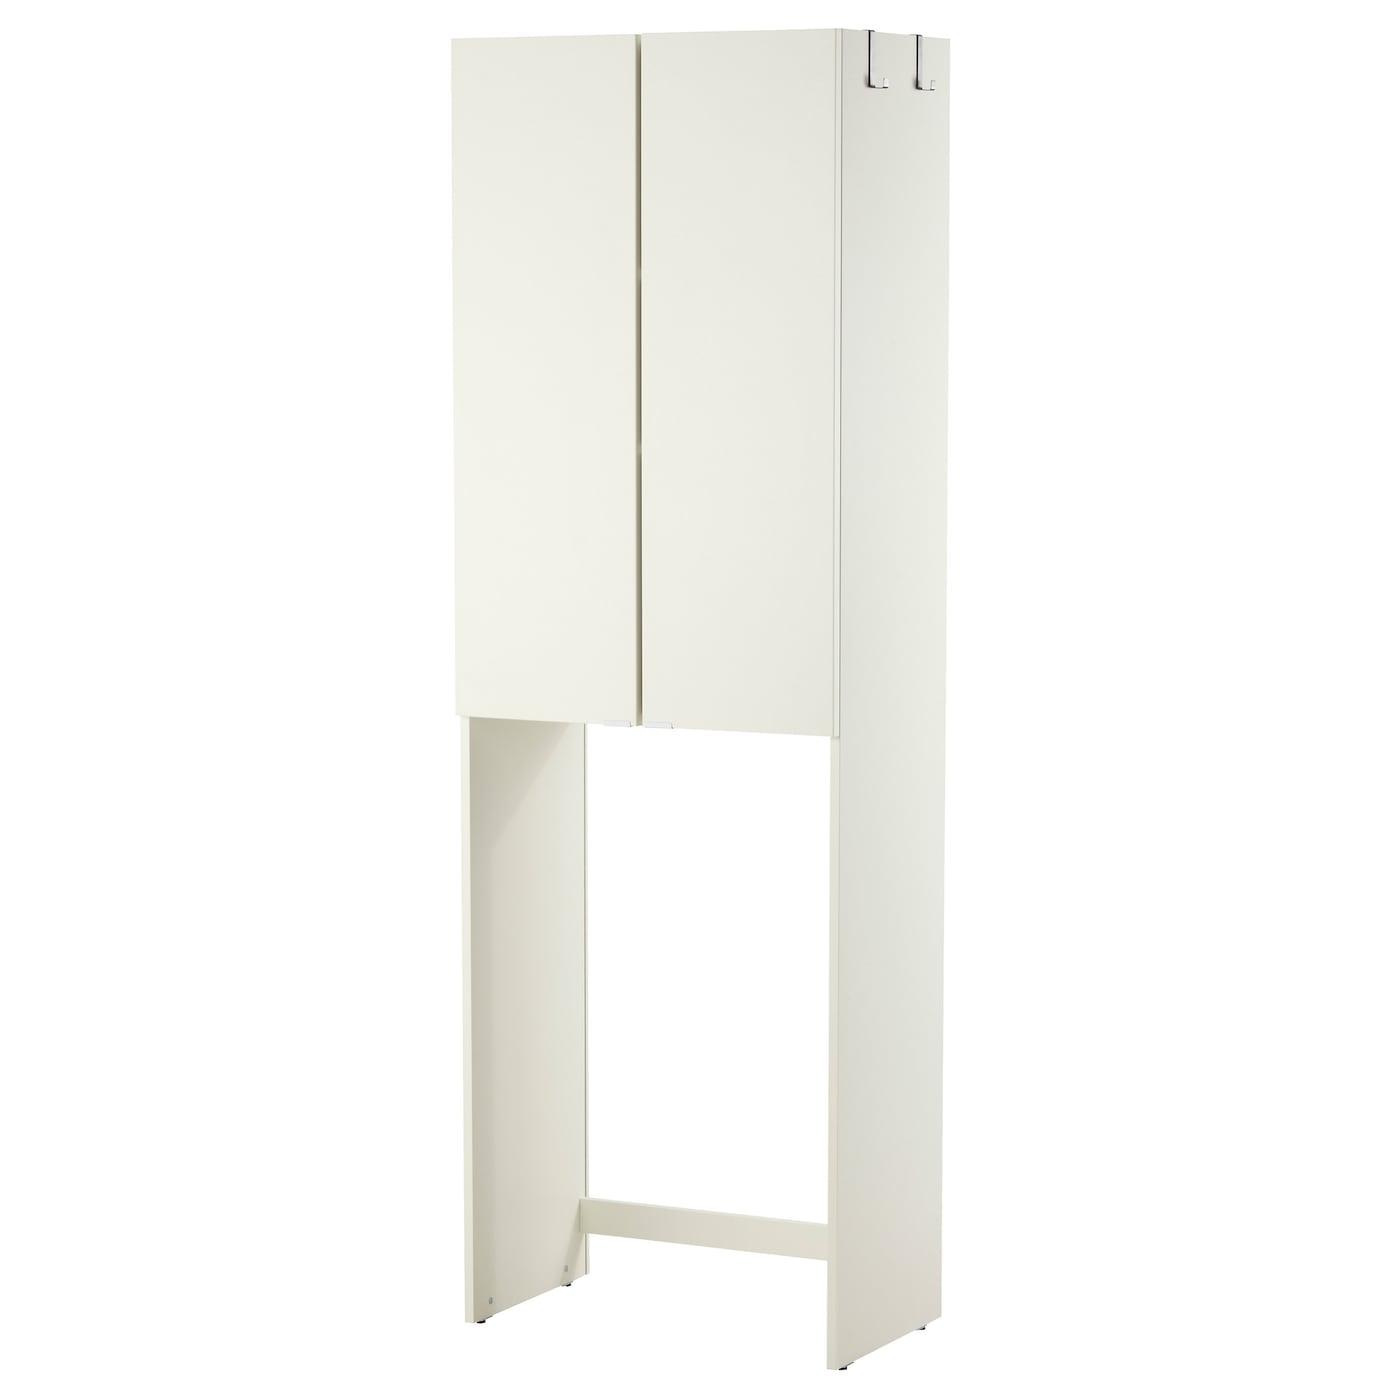 Rangement Machine À Laver lillÅngen meuble pour machine à laver - blanc 64x38x195 cm